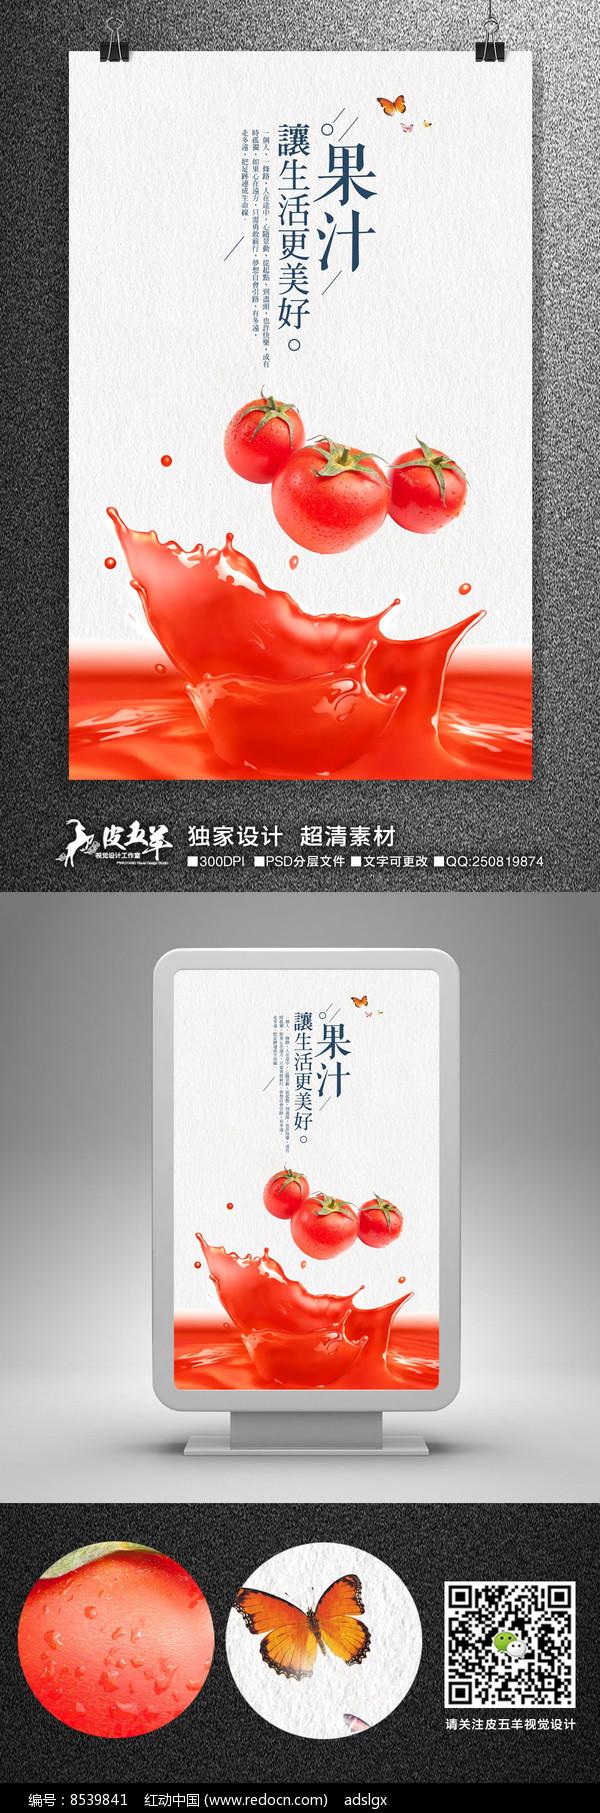 创意鲜榨果汁海报图片